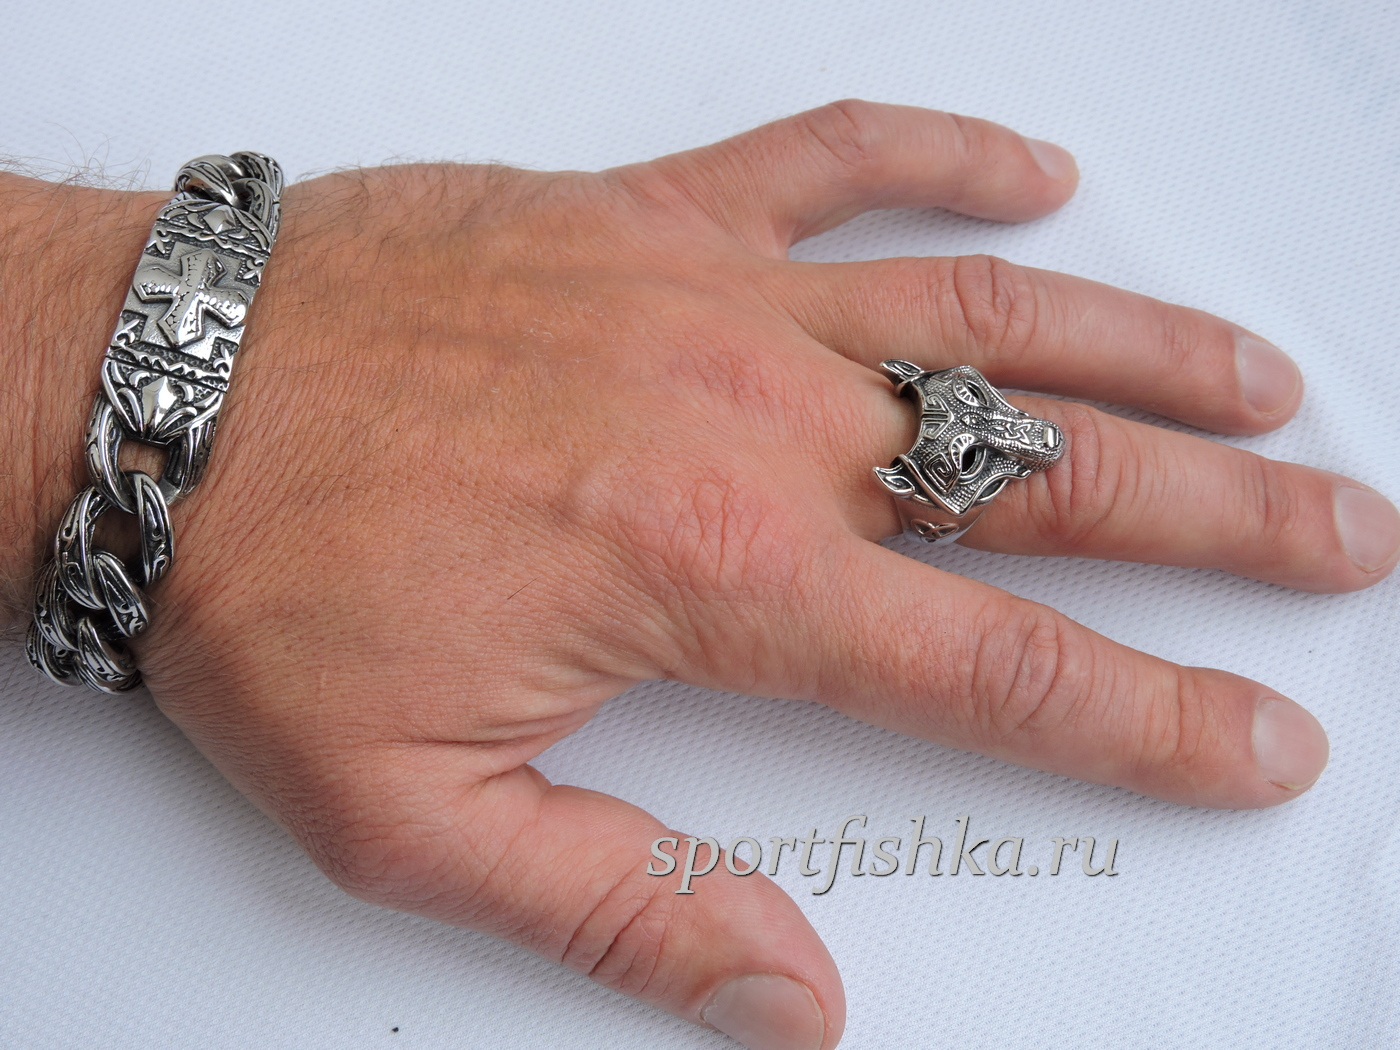 Кольцо из стали скандинавский волк на пальце